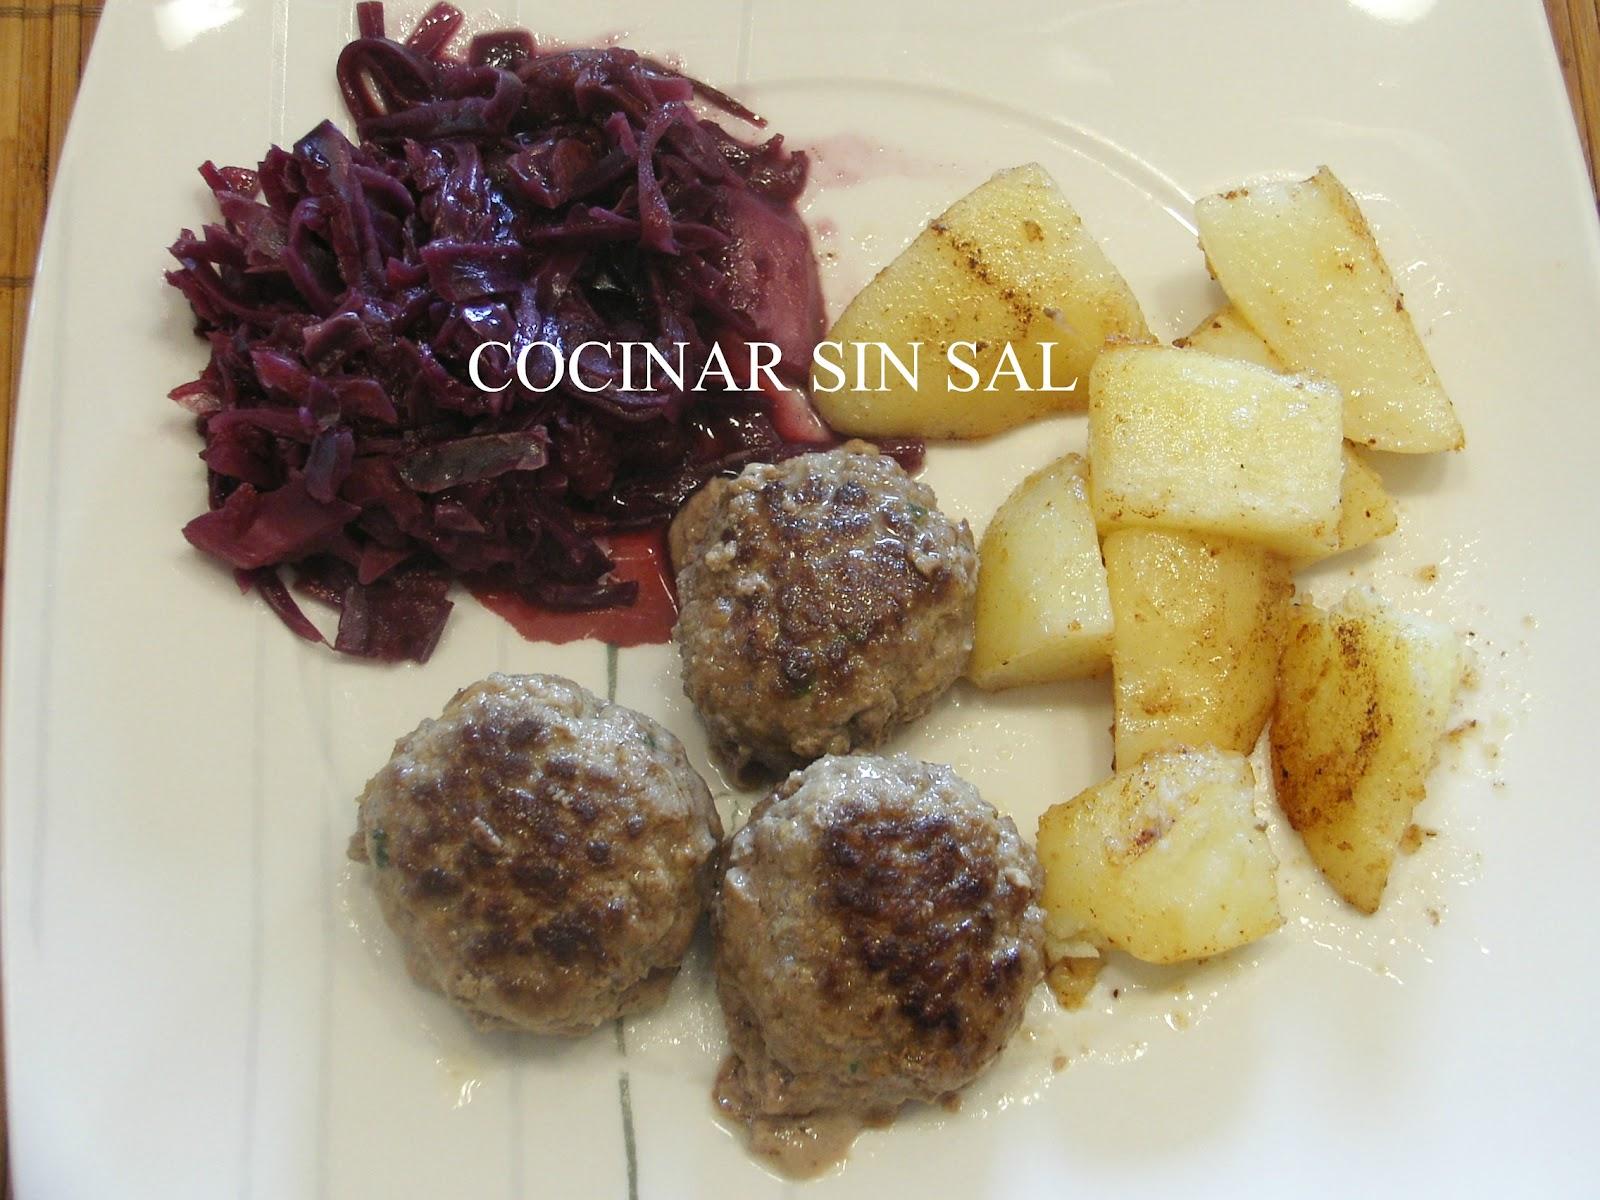 Cocinar sin sal lombarda con manzana sin sal for Cocinar lombarda